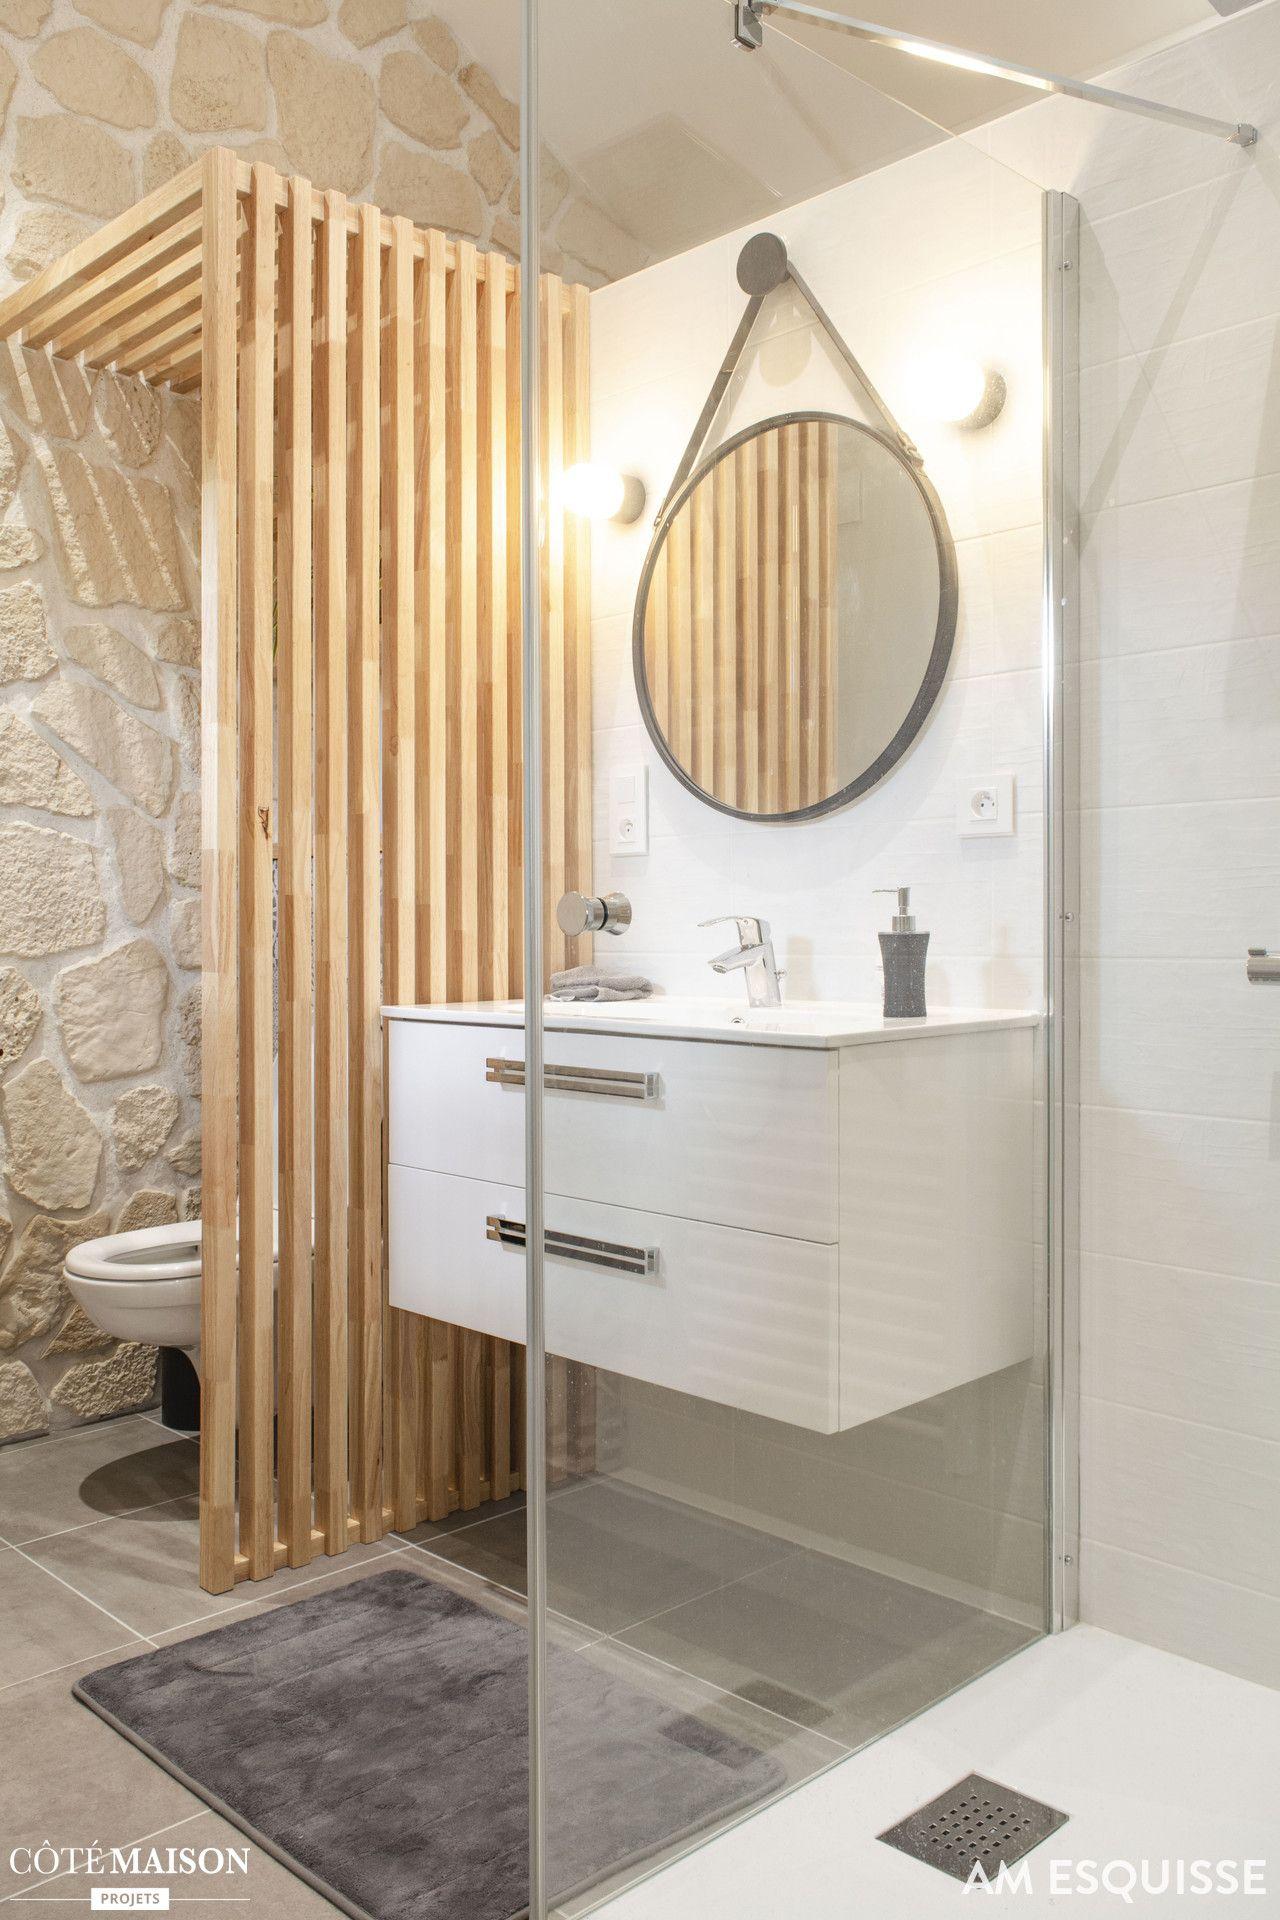 Epingle Par Philippe Dureuil Sur Toilette En 2020 Idee Salle De